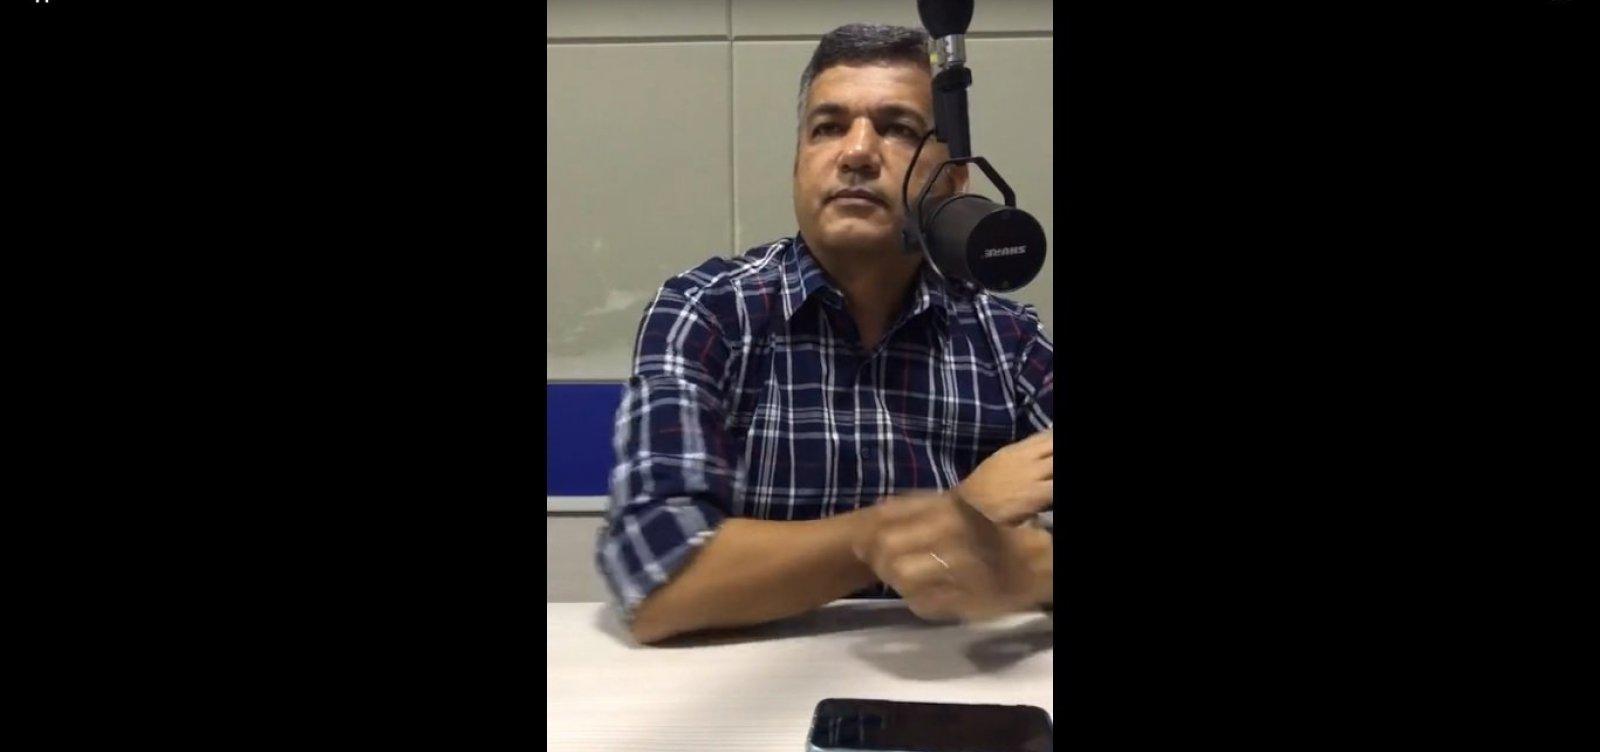 Prefeito diz que se referiu a adversário político ao falar de latidos e não à população